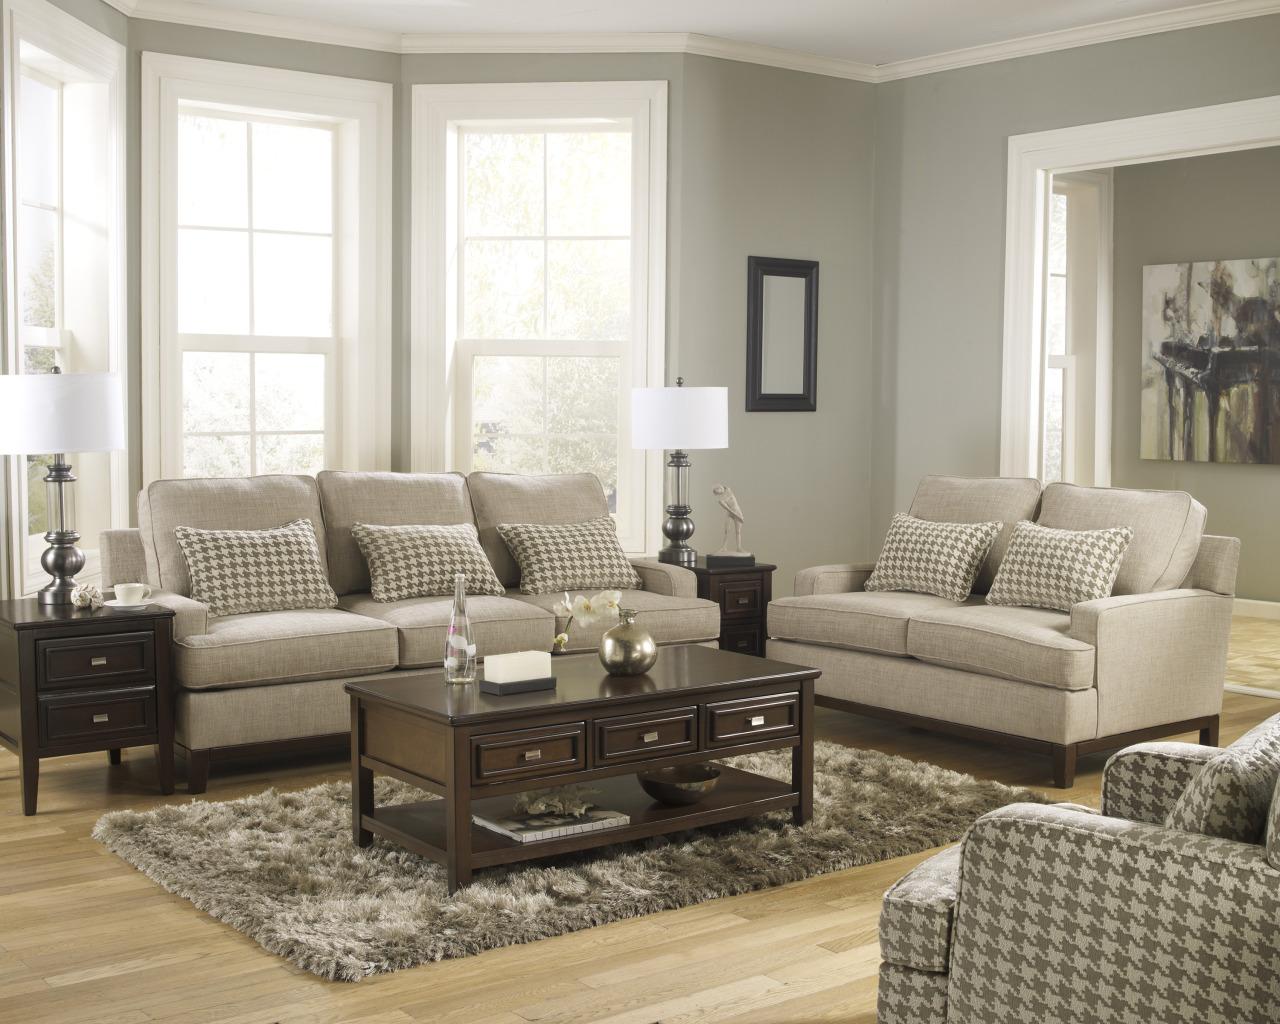 Ashley Furniture HomeStore Mxico Norte